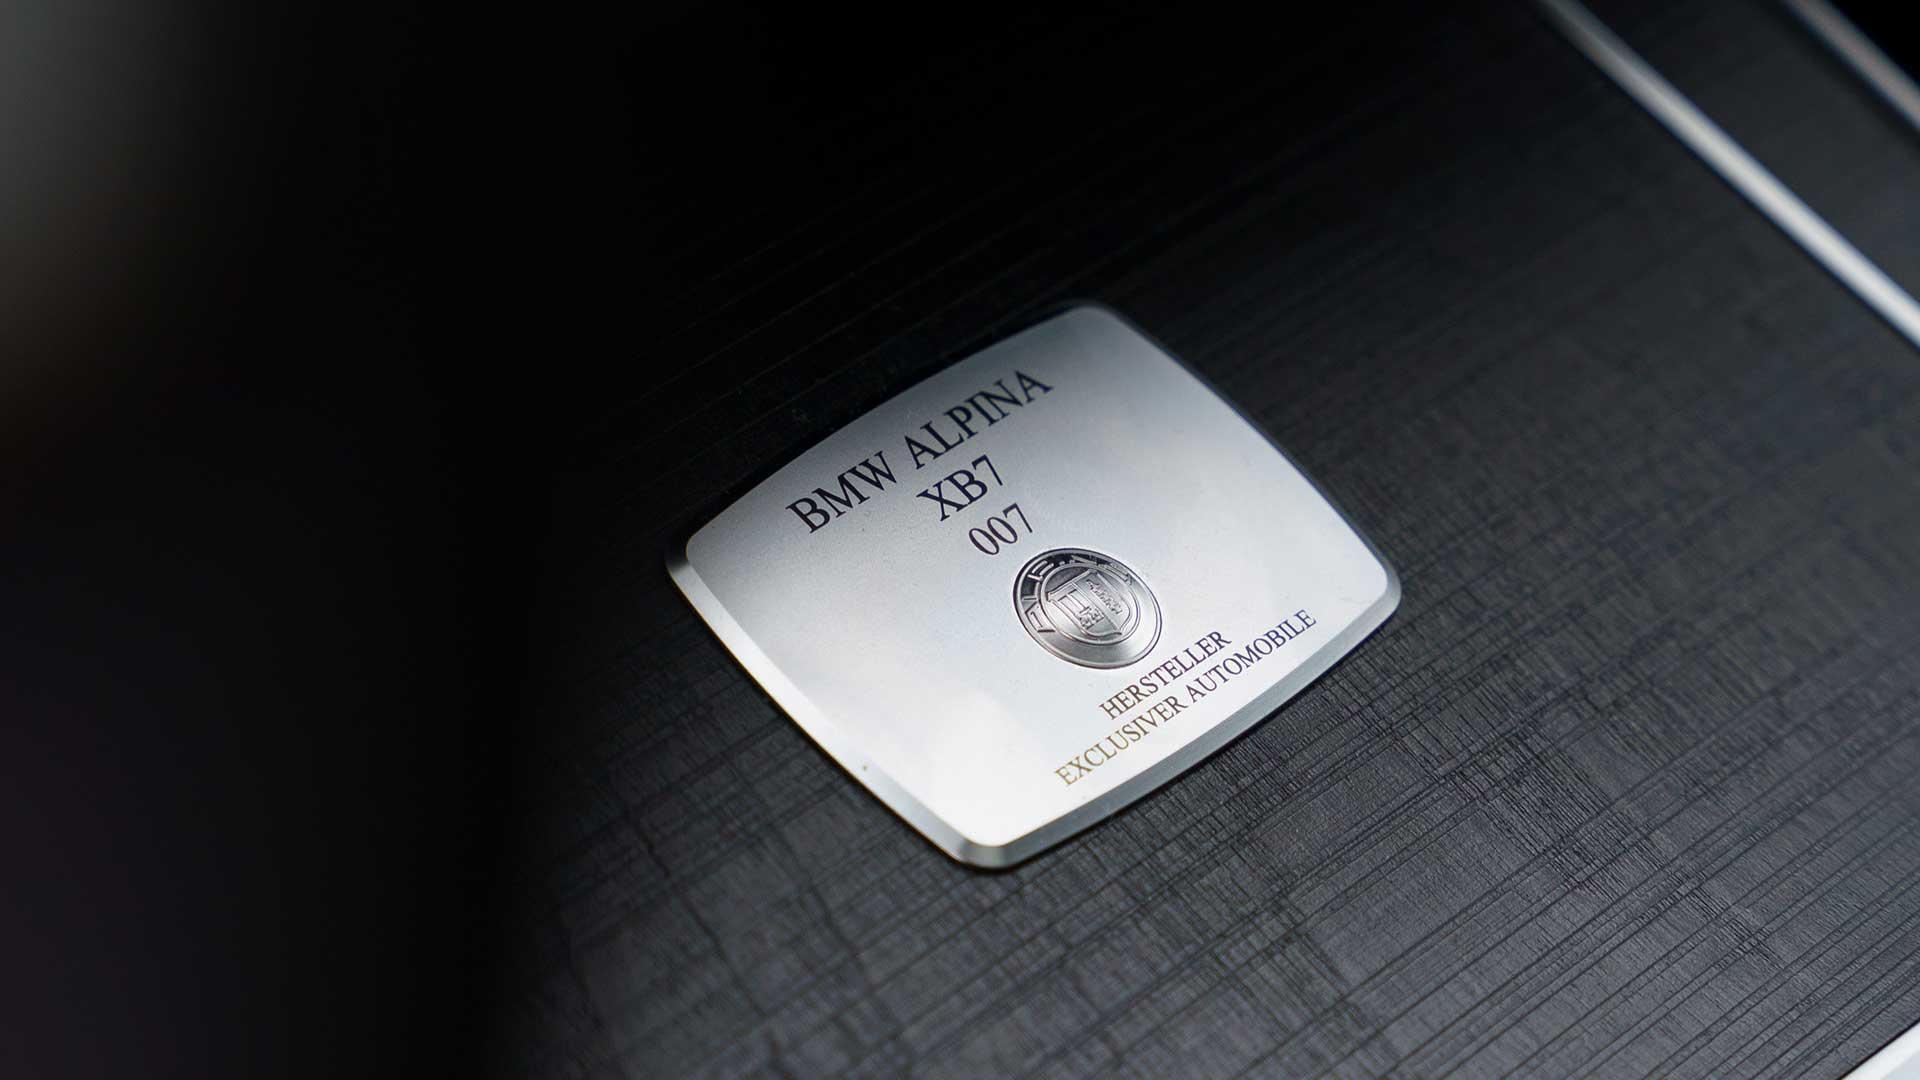 Nummer Alpina XB7 Nederland (BMW)